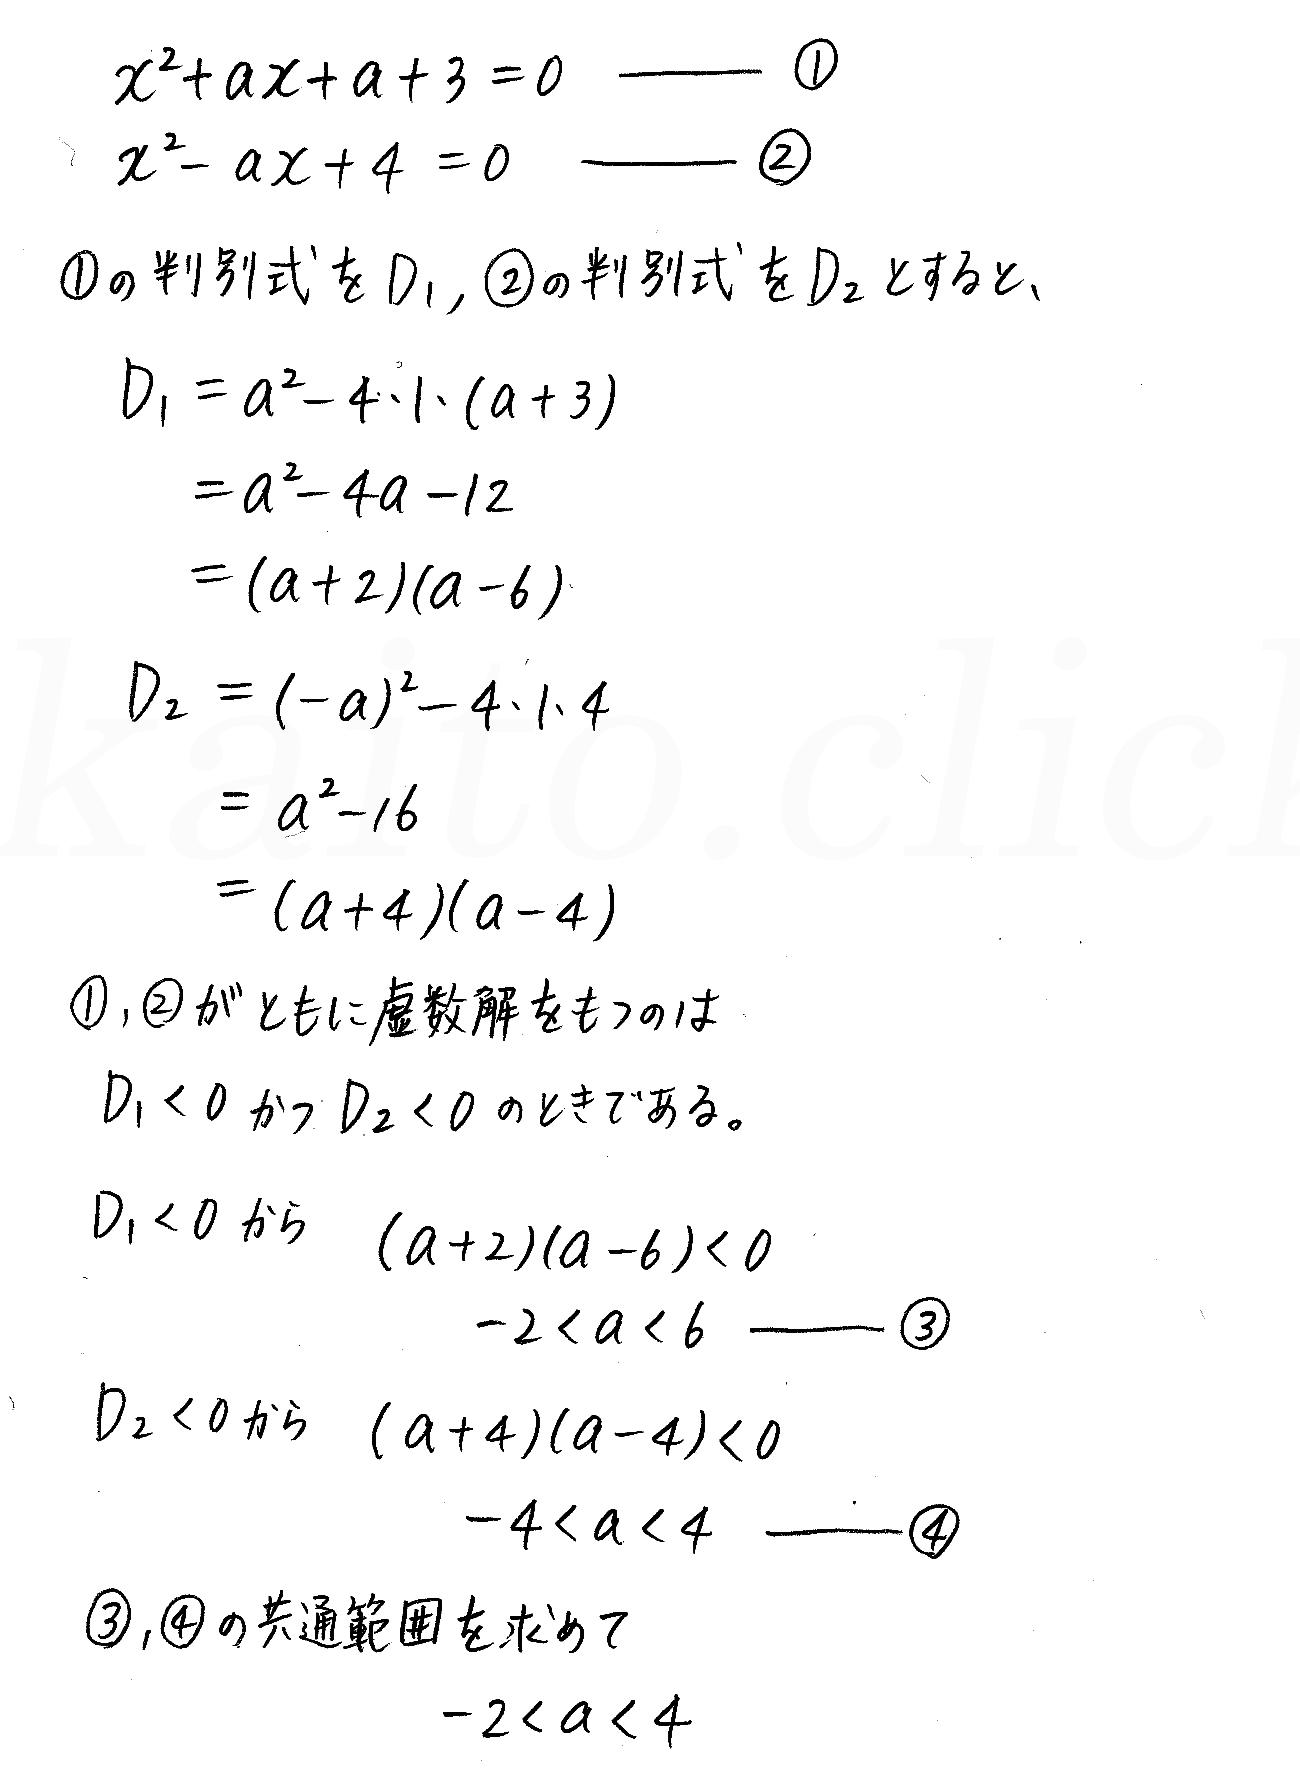 クリアー数学2-96解答